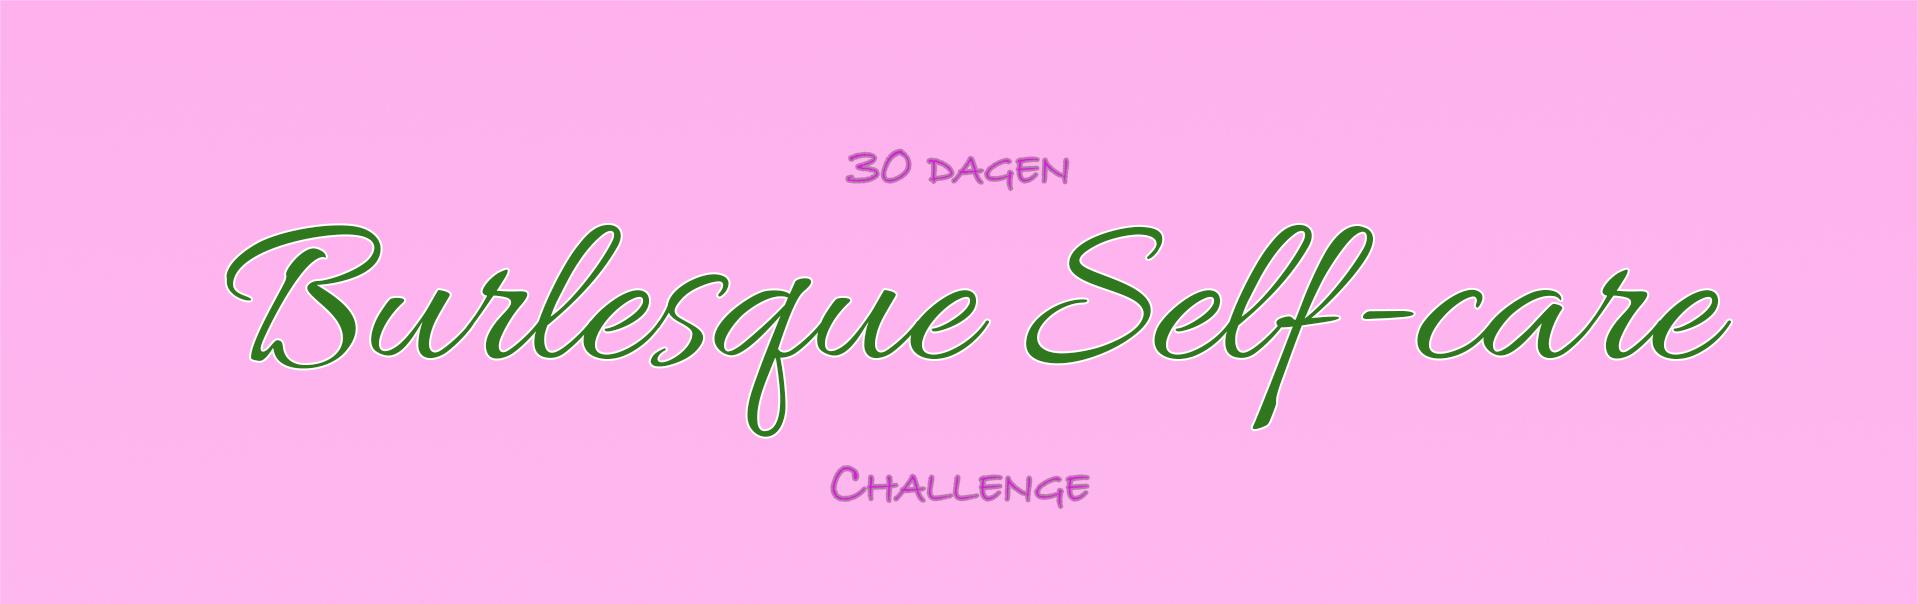 Burlesque Self-care Banner